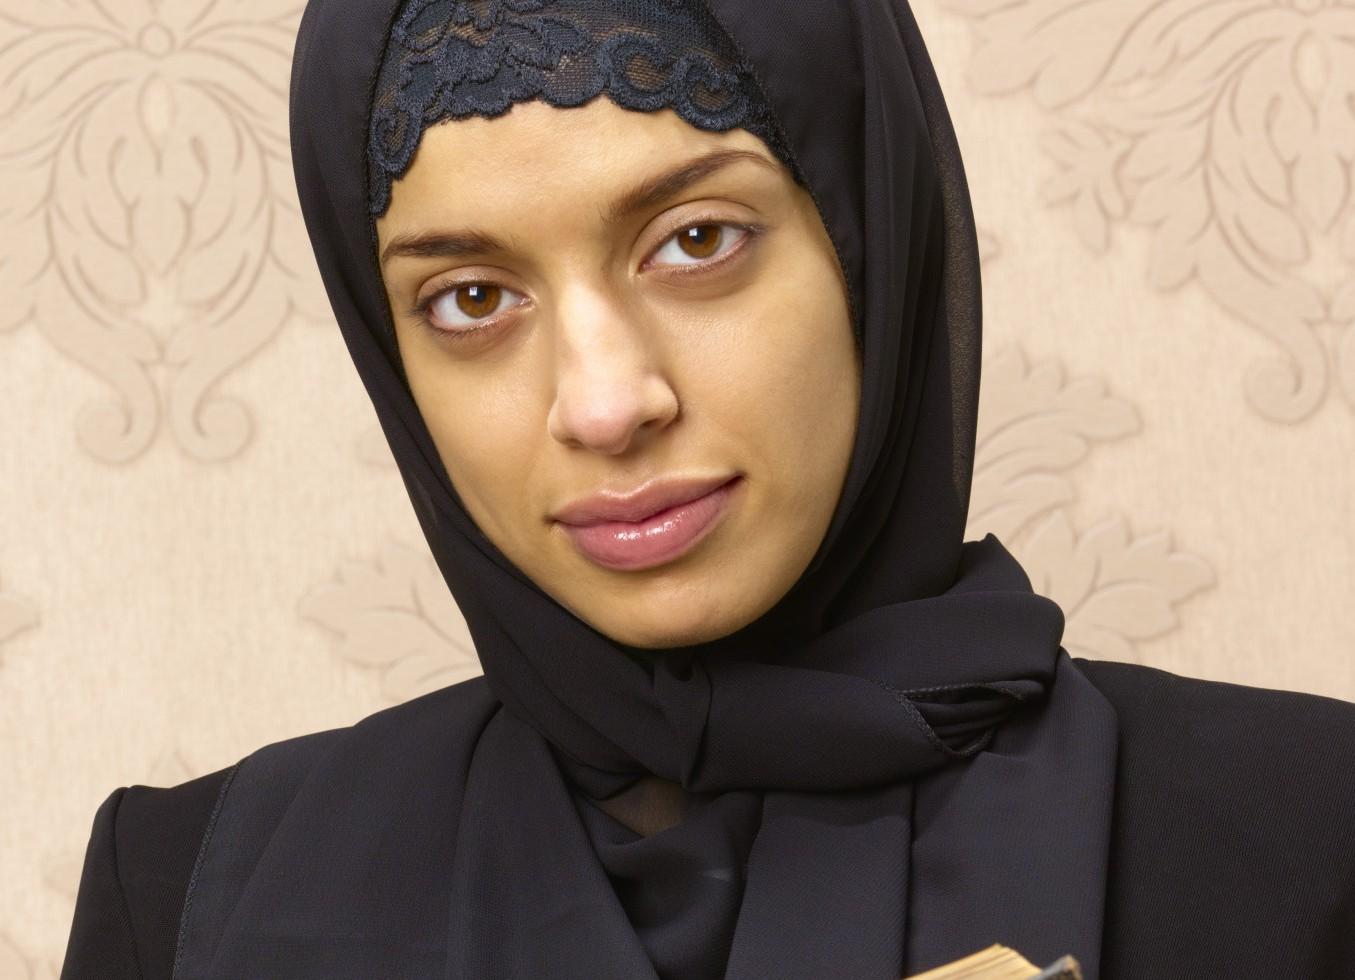 Знакомство с мусульманками второй женой